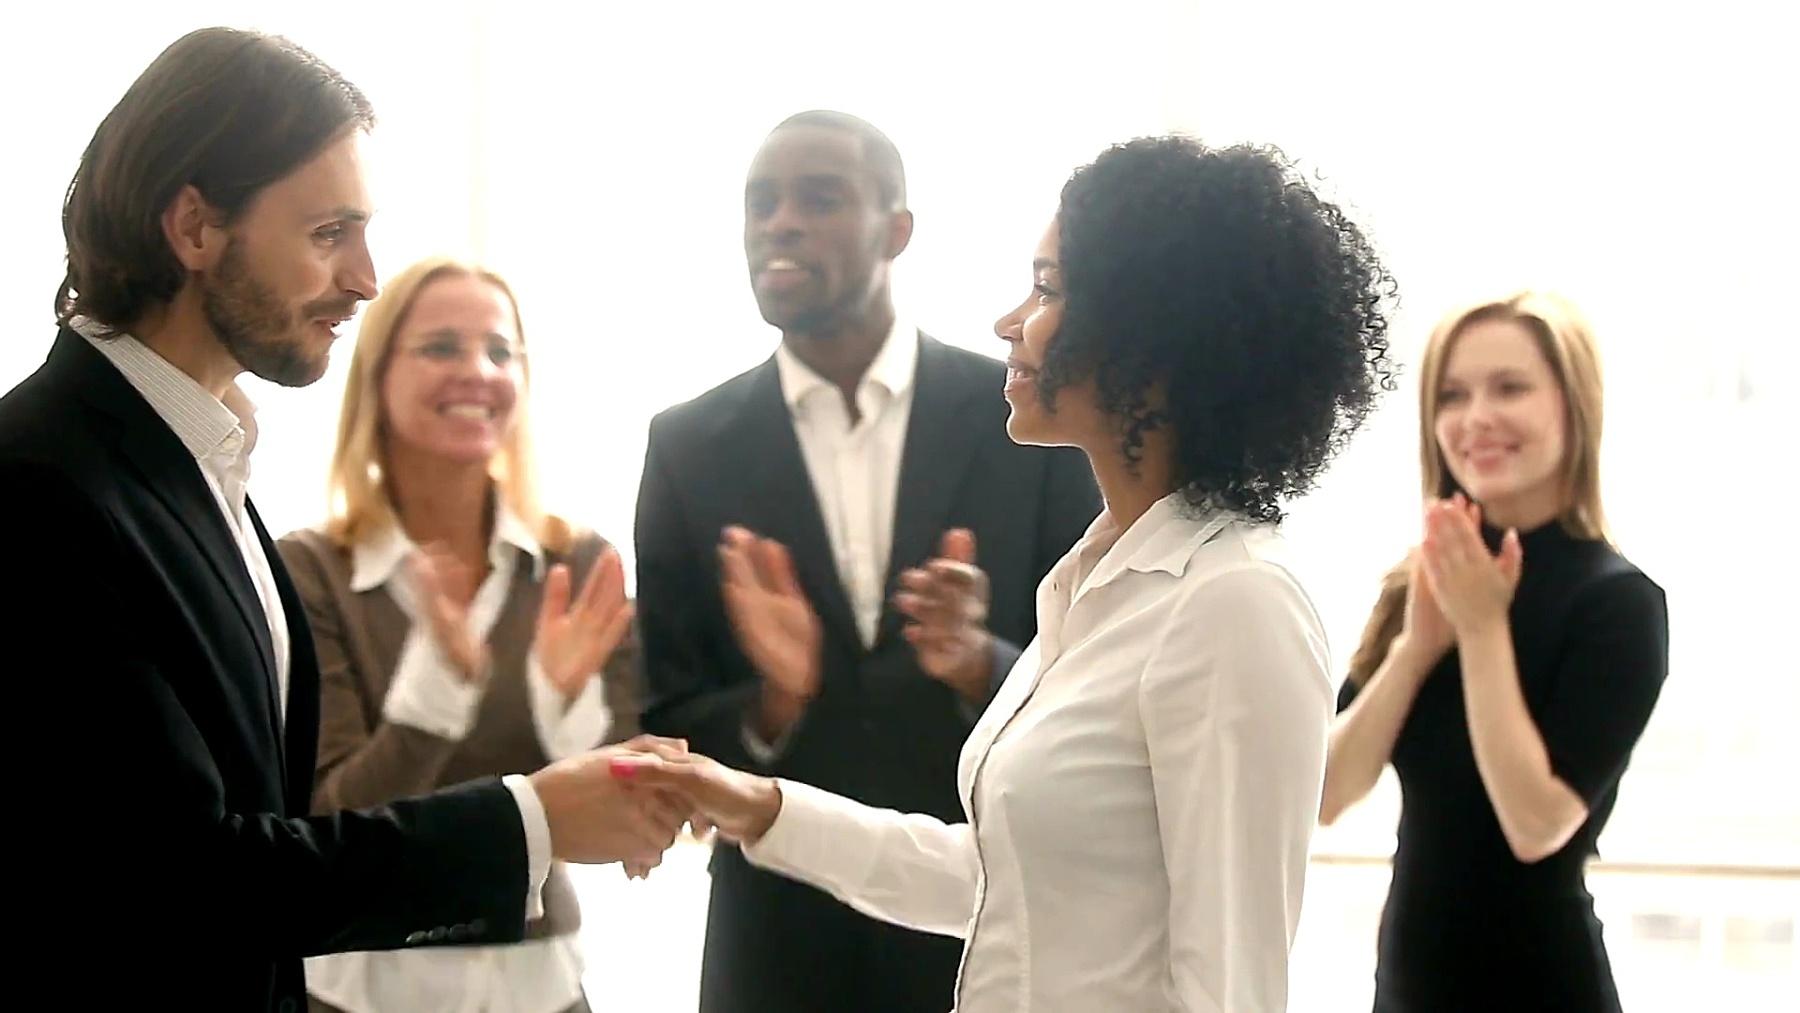 公司老板与非洲员工握手,提拔祝贺黑人年轻女子